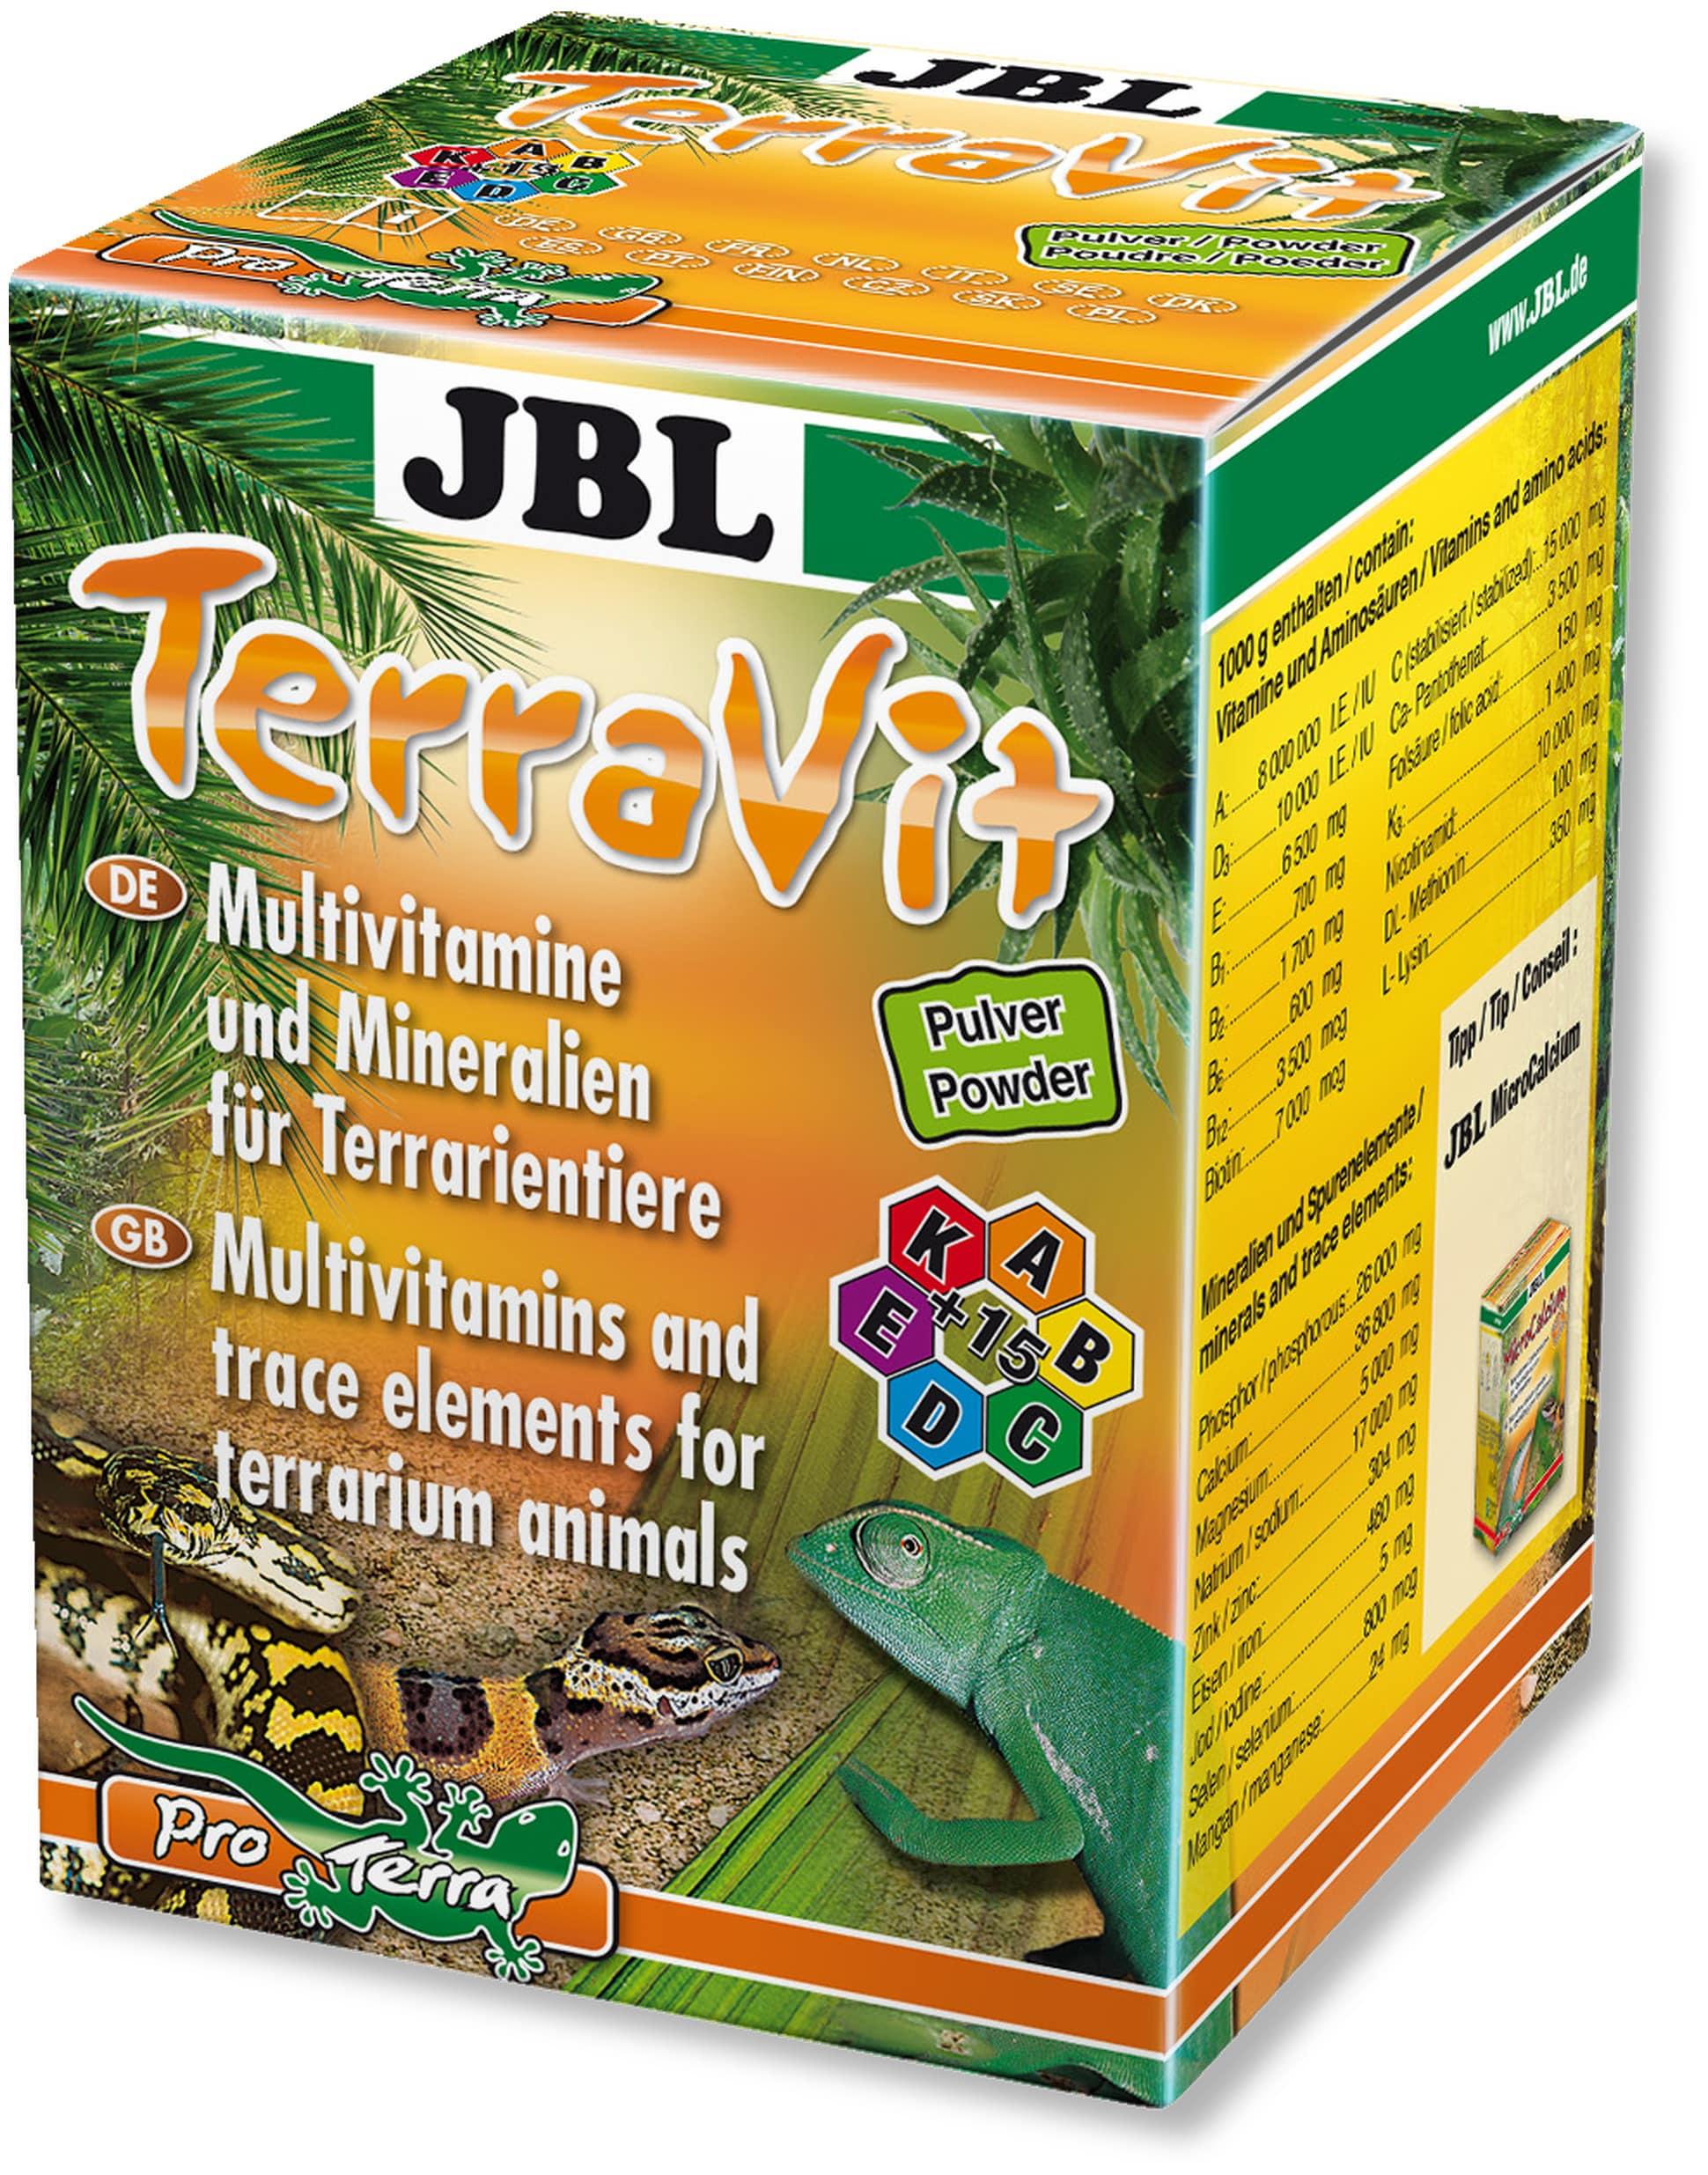 JBL TerraVit 100 gr multivitamines en poudre pour les animaux de terrariums